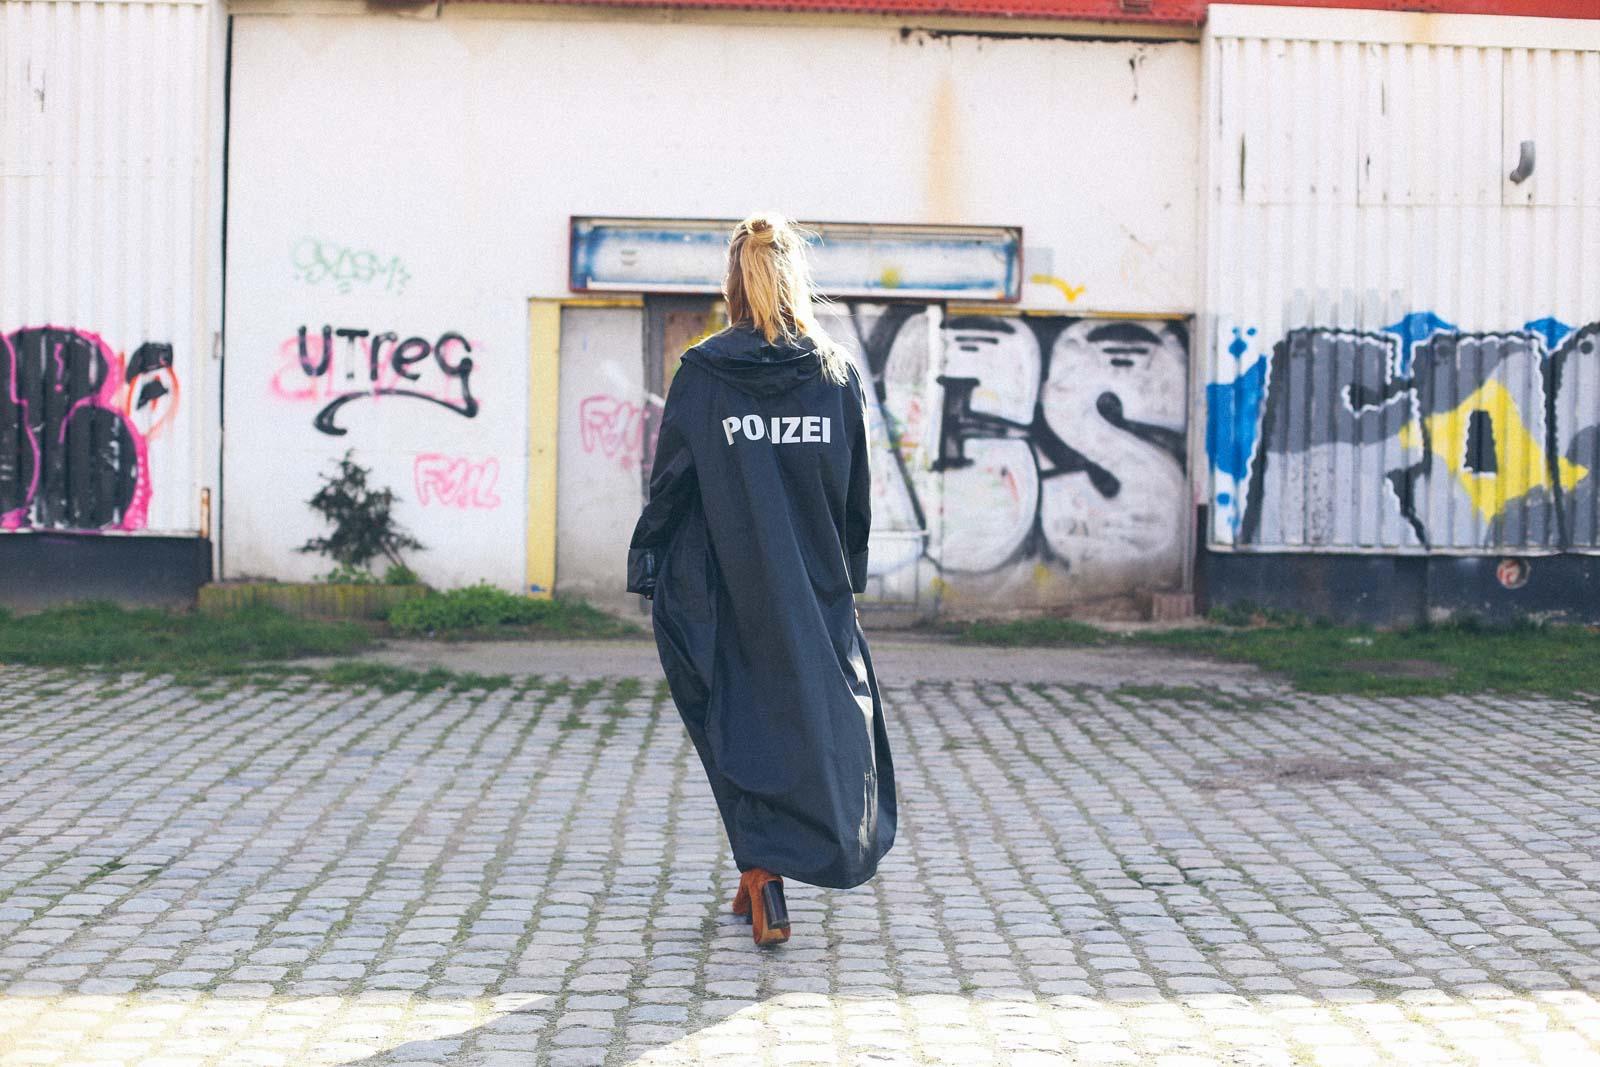 ruthvansoom-polizei-vetements-3